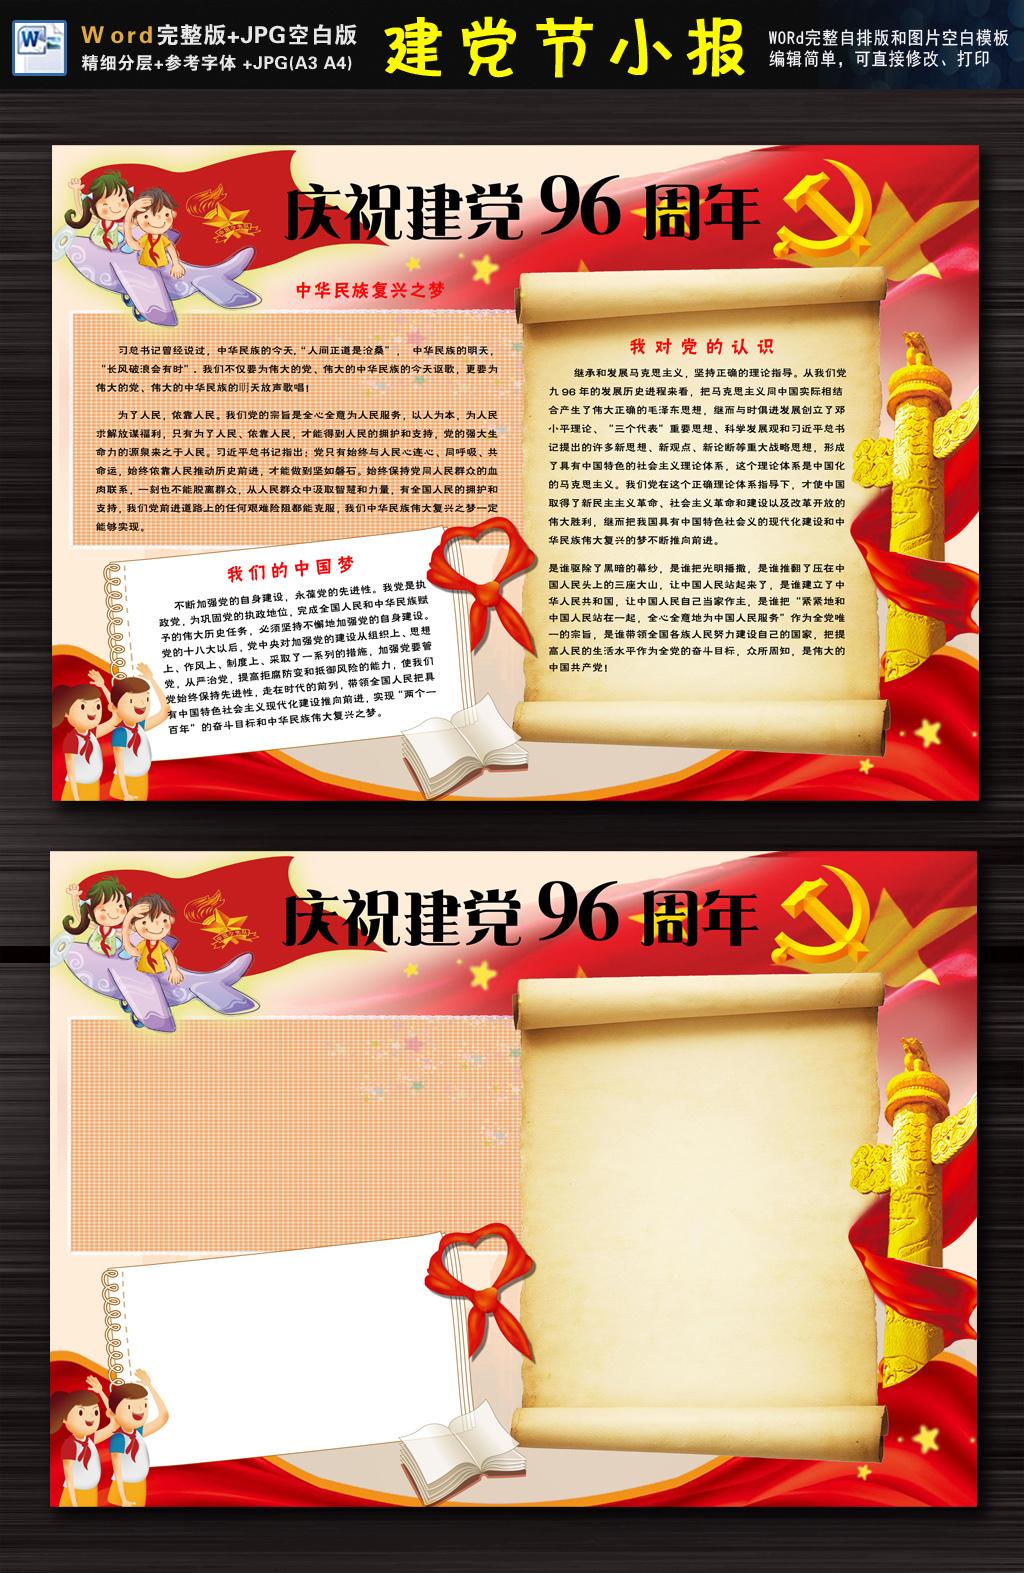 建党节建党96周年手抄报小报完整模板